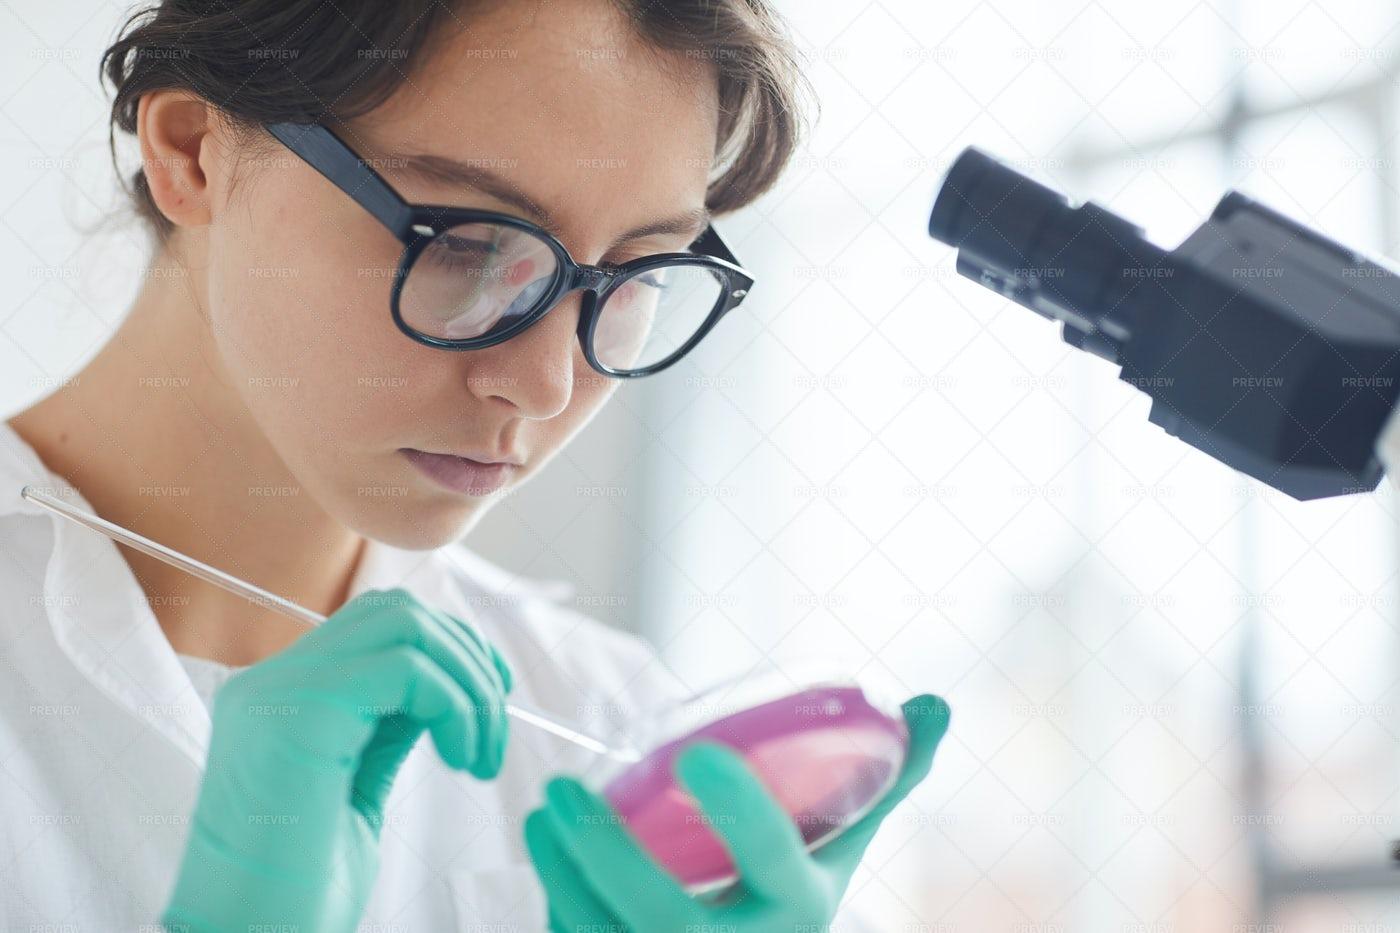 Young Woman Holding Petri Dish: Stock Photos